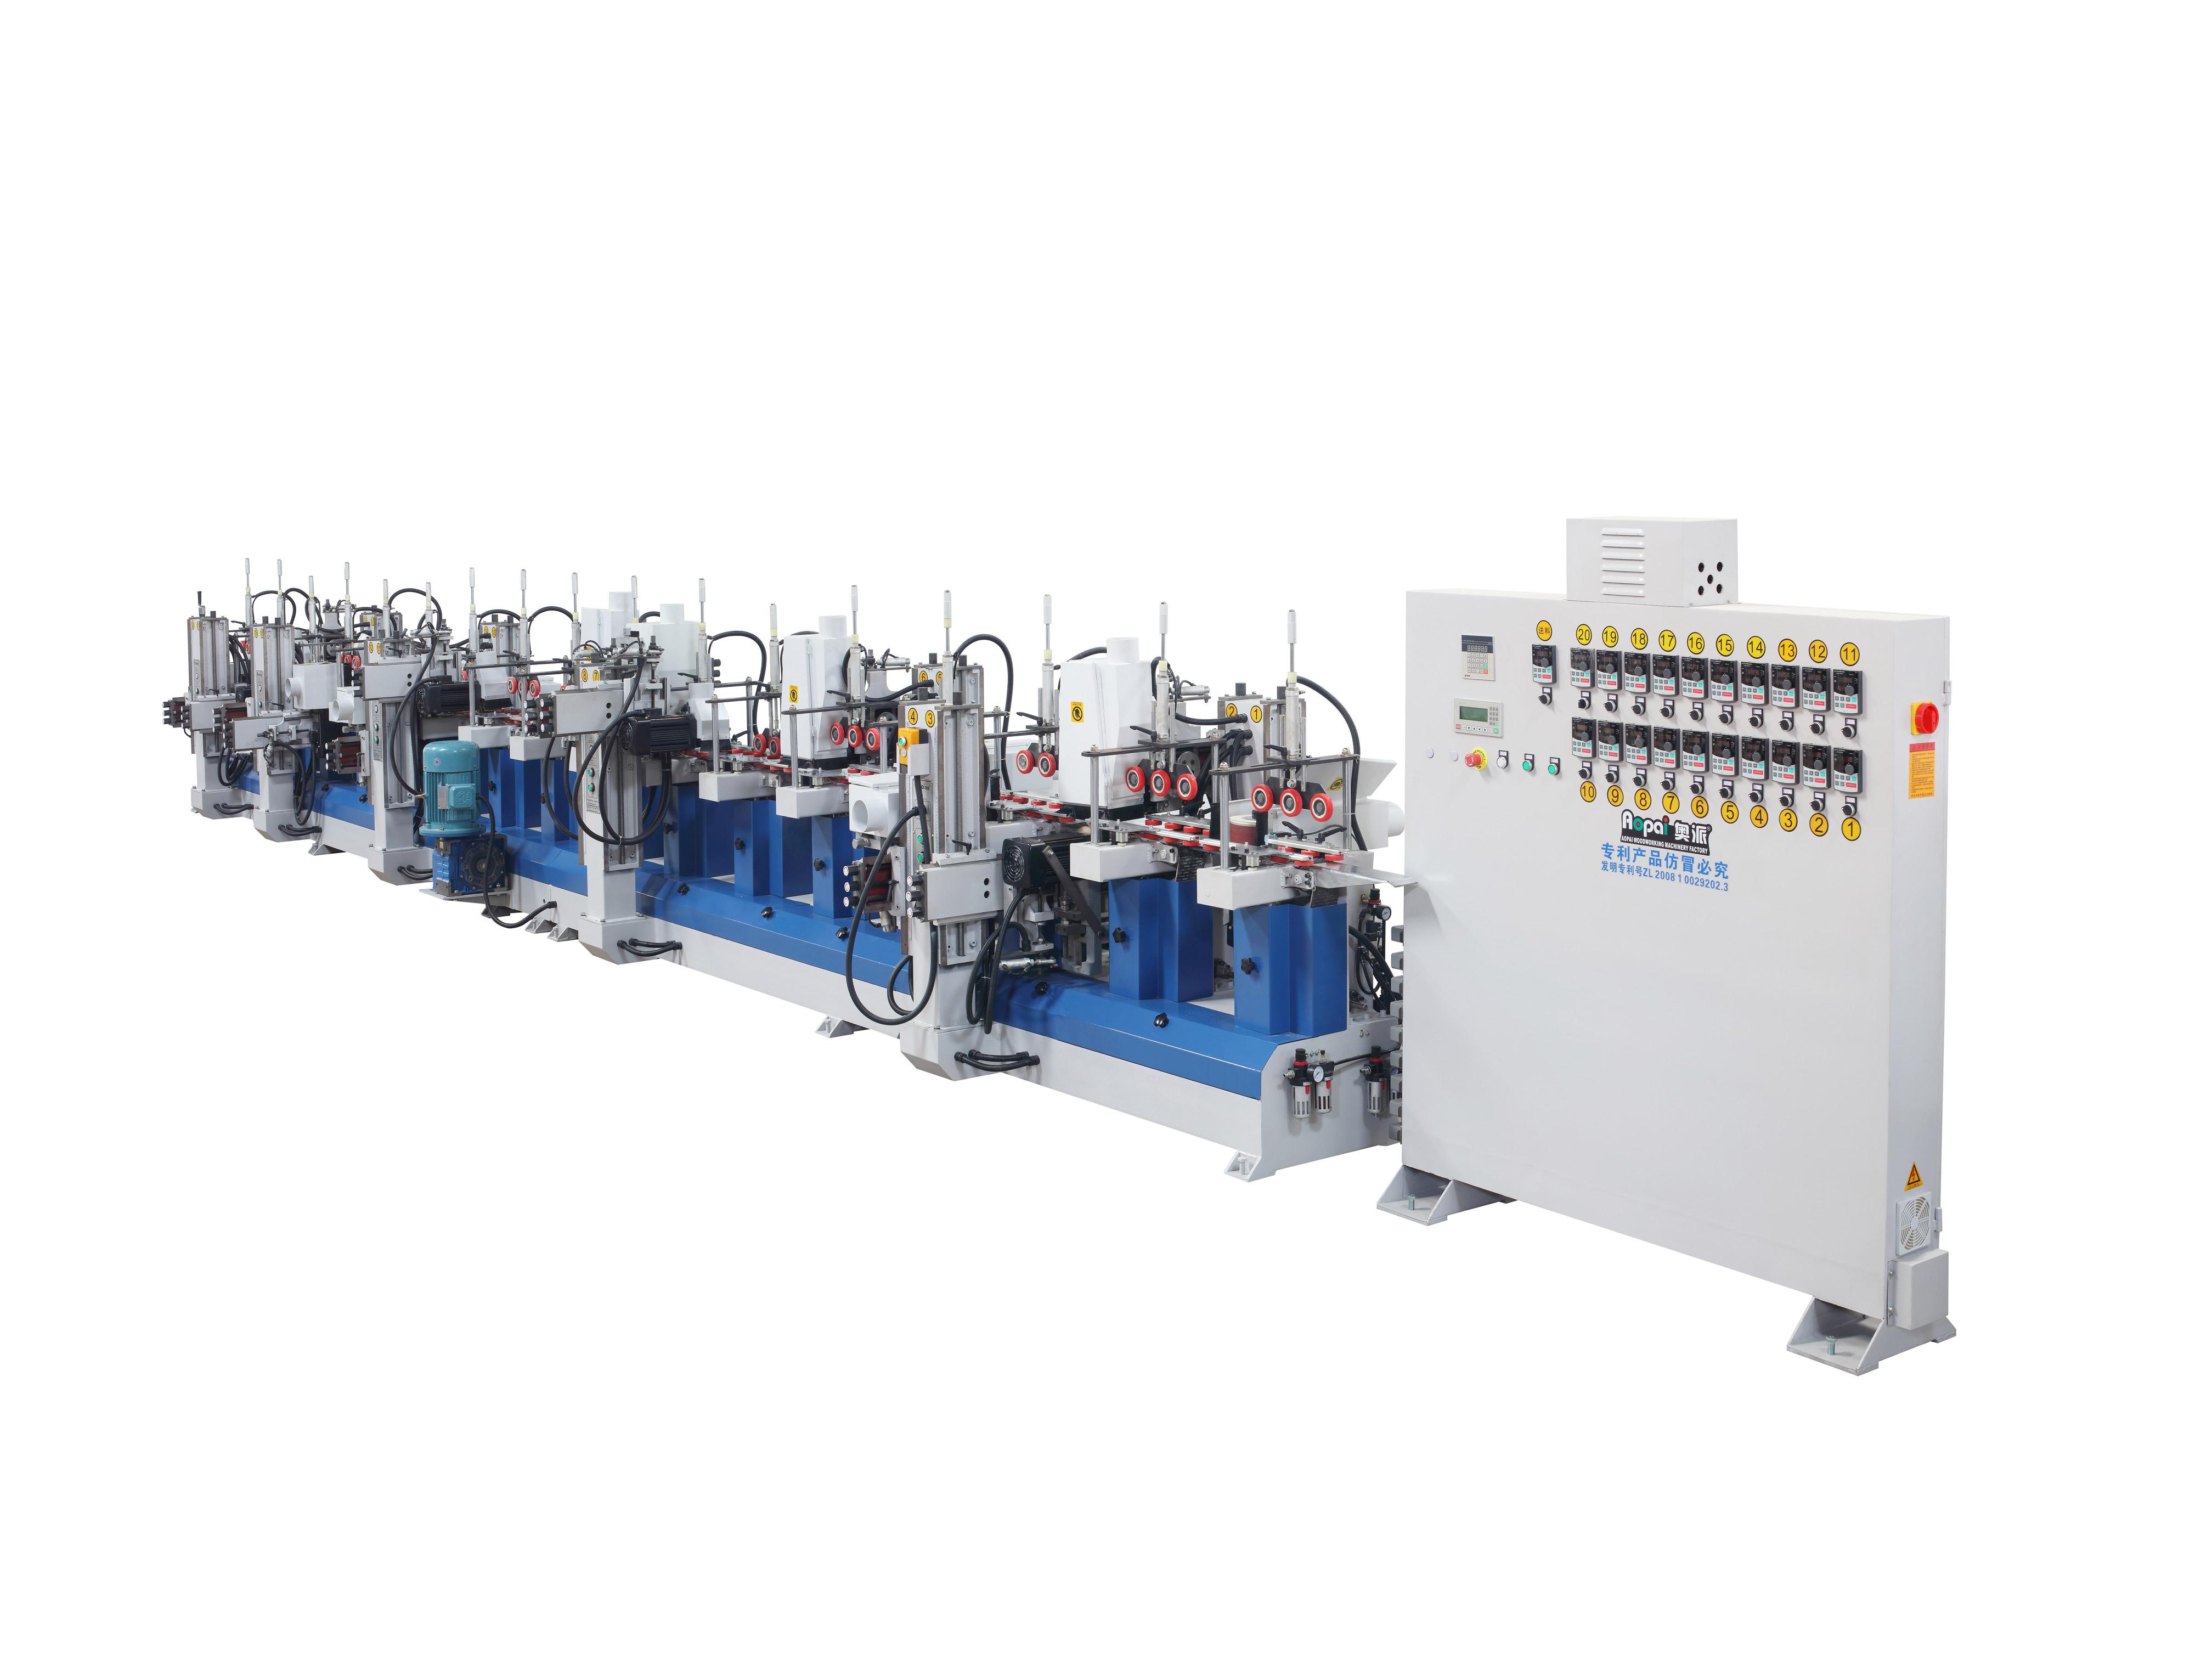 奥派 数控款砂光机 采用轮式侧压输送 木工机械设备生产产家 10W10H异形线条砂光机